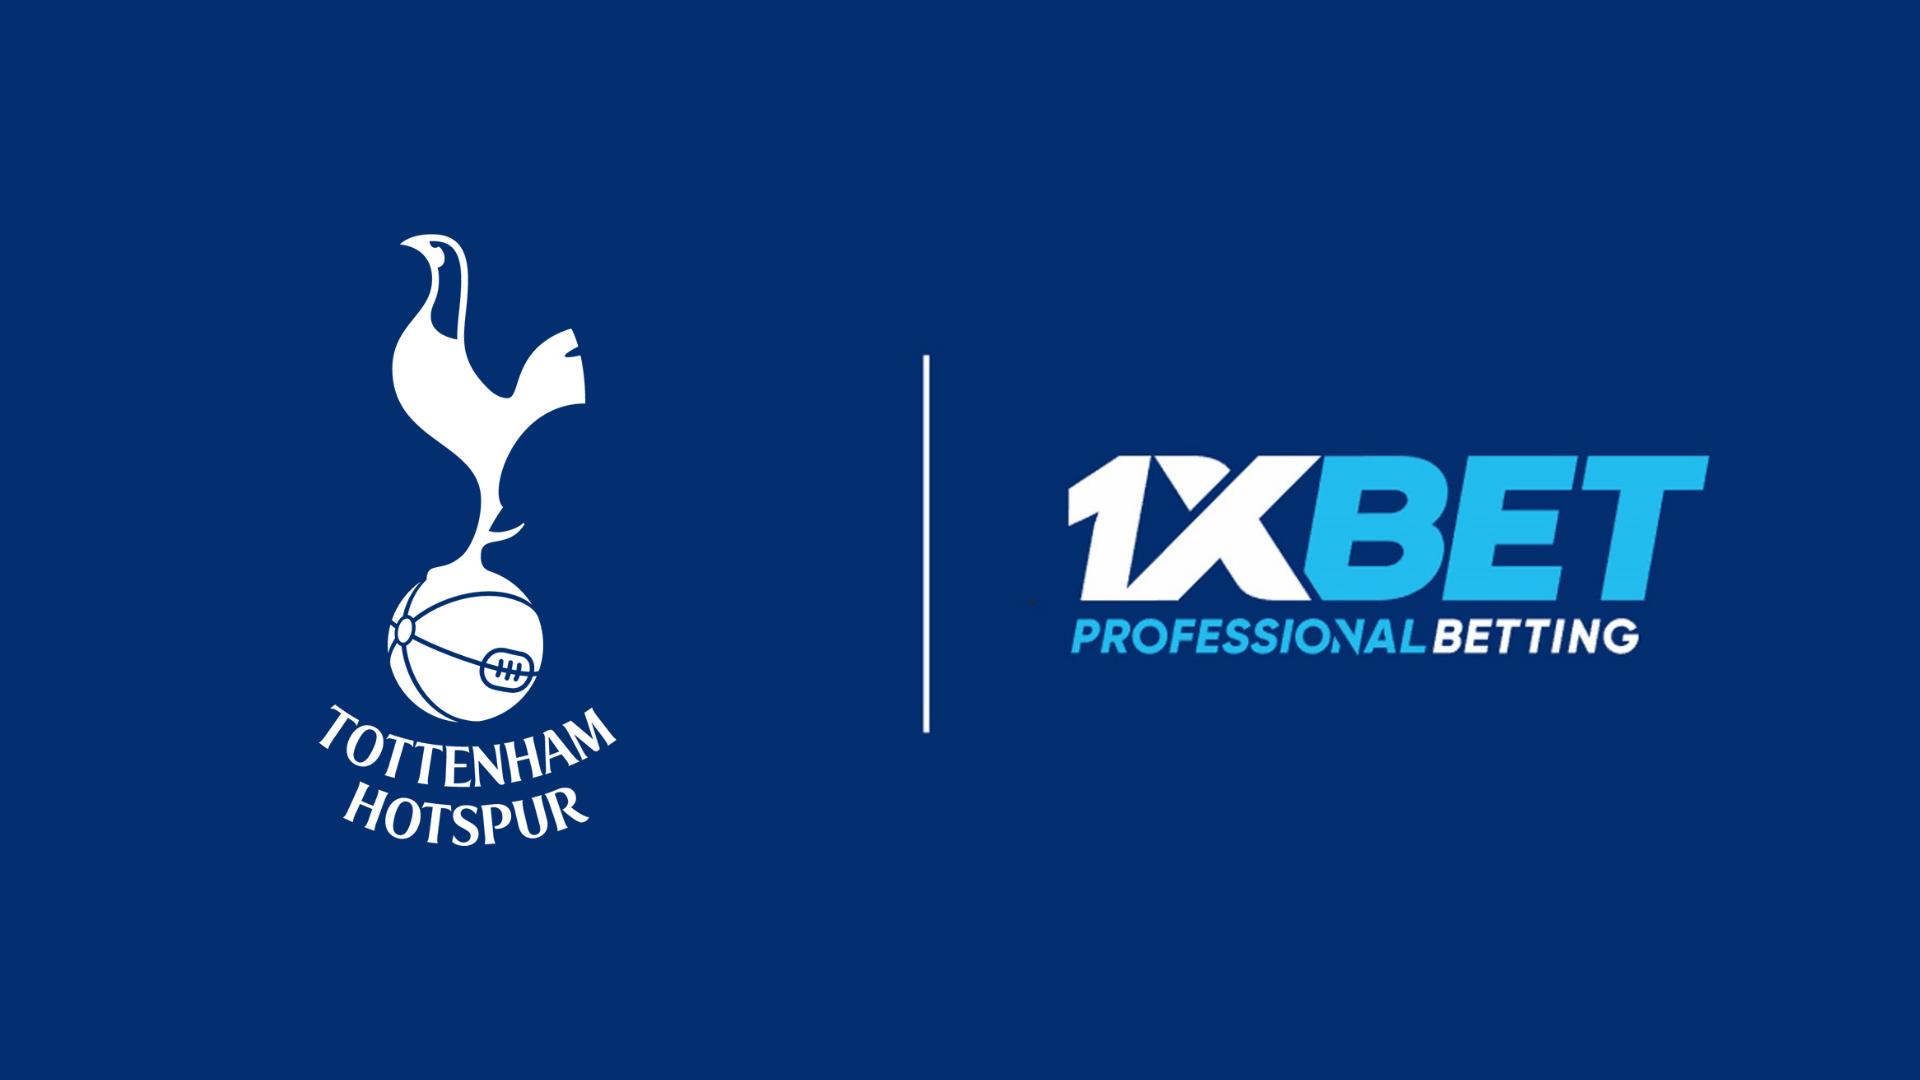 Photo of Tottenham Hotspur of the Premier League Burns Bridges with 1xBet